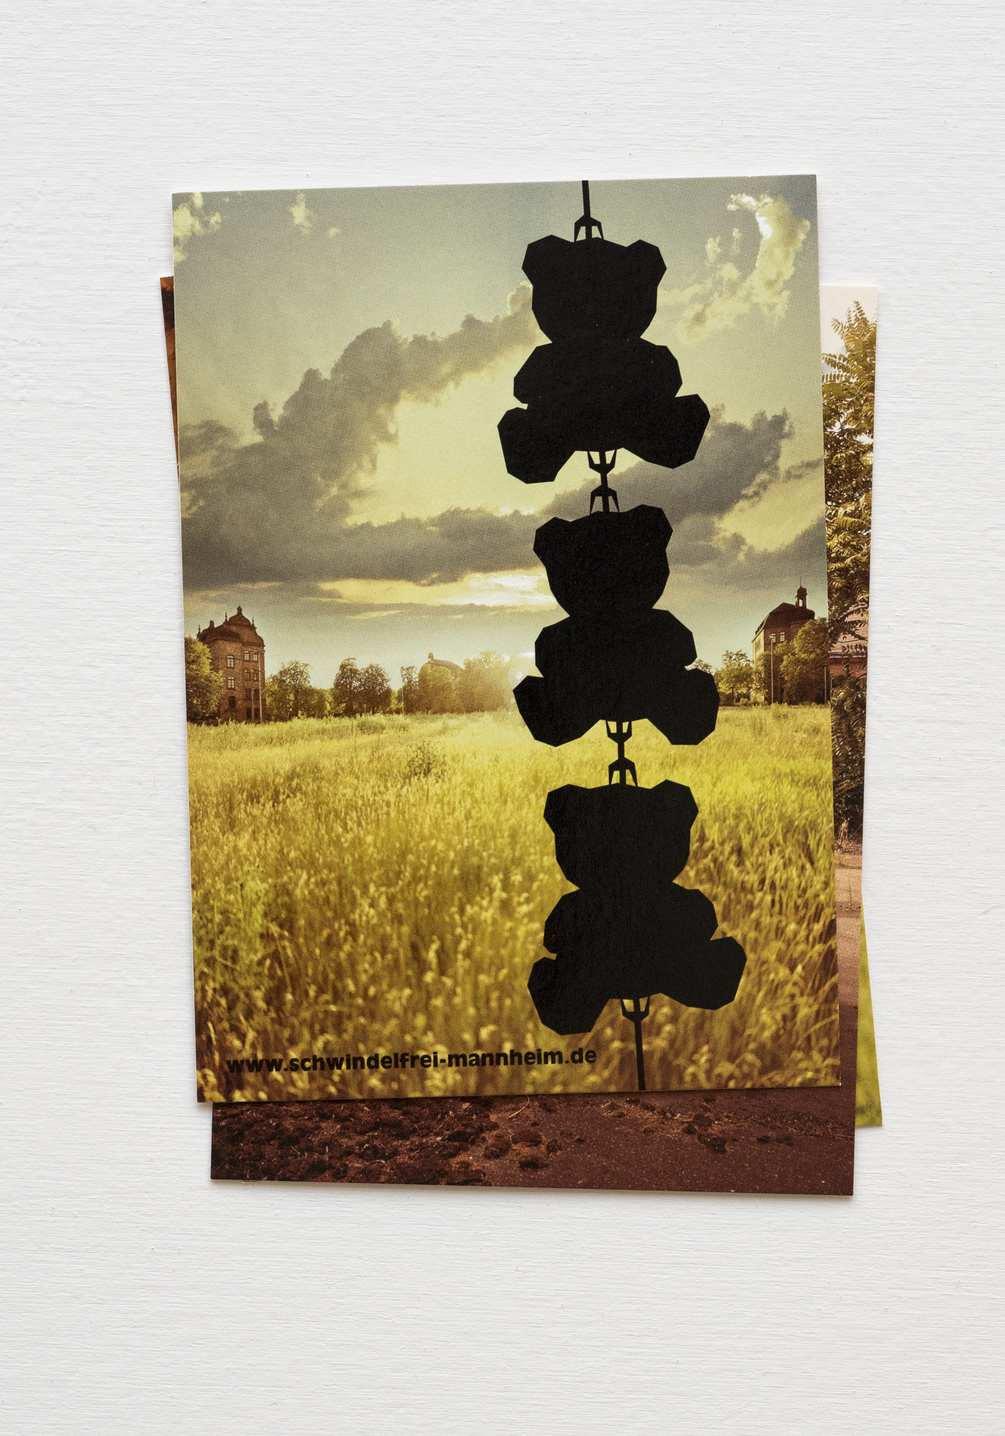 theatre-festival-schwindelfrei-postcard-3-1005x1435px